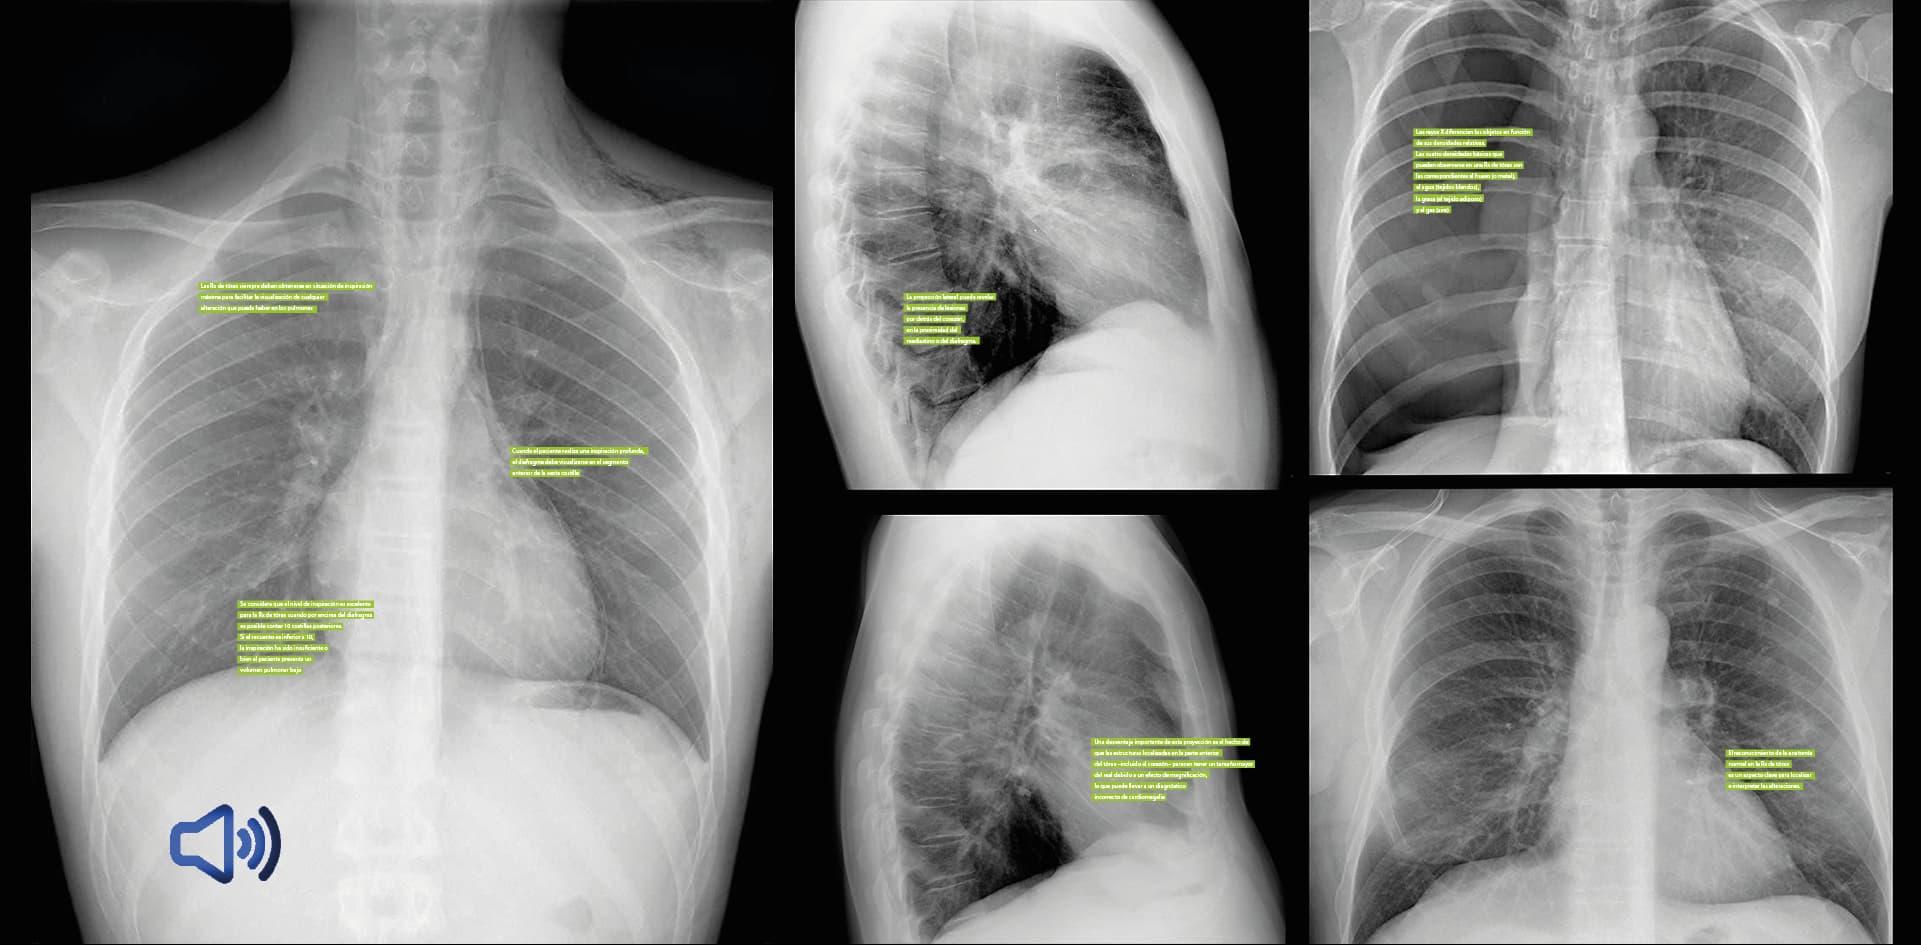 Con inteligencia artificial, logran generar automáticamente informes médicos a partir de radiografías